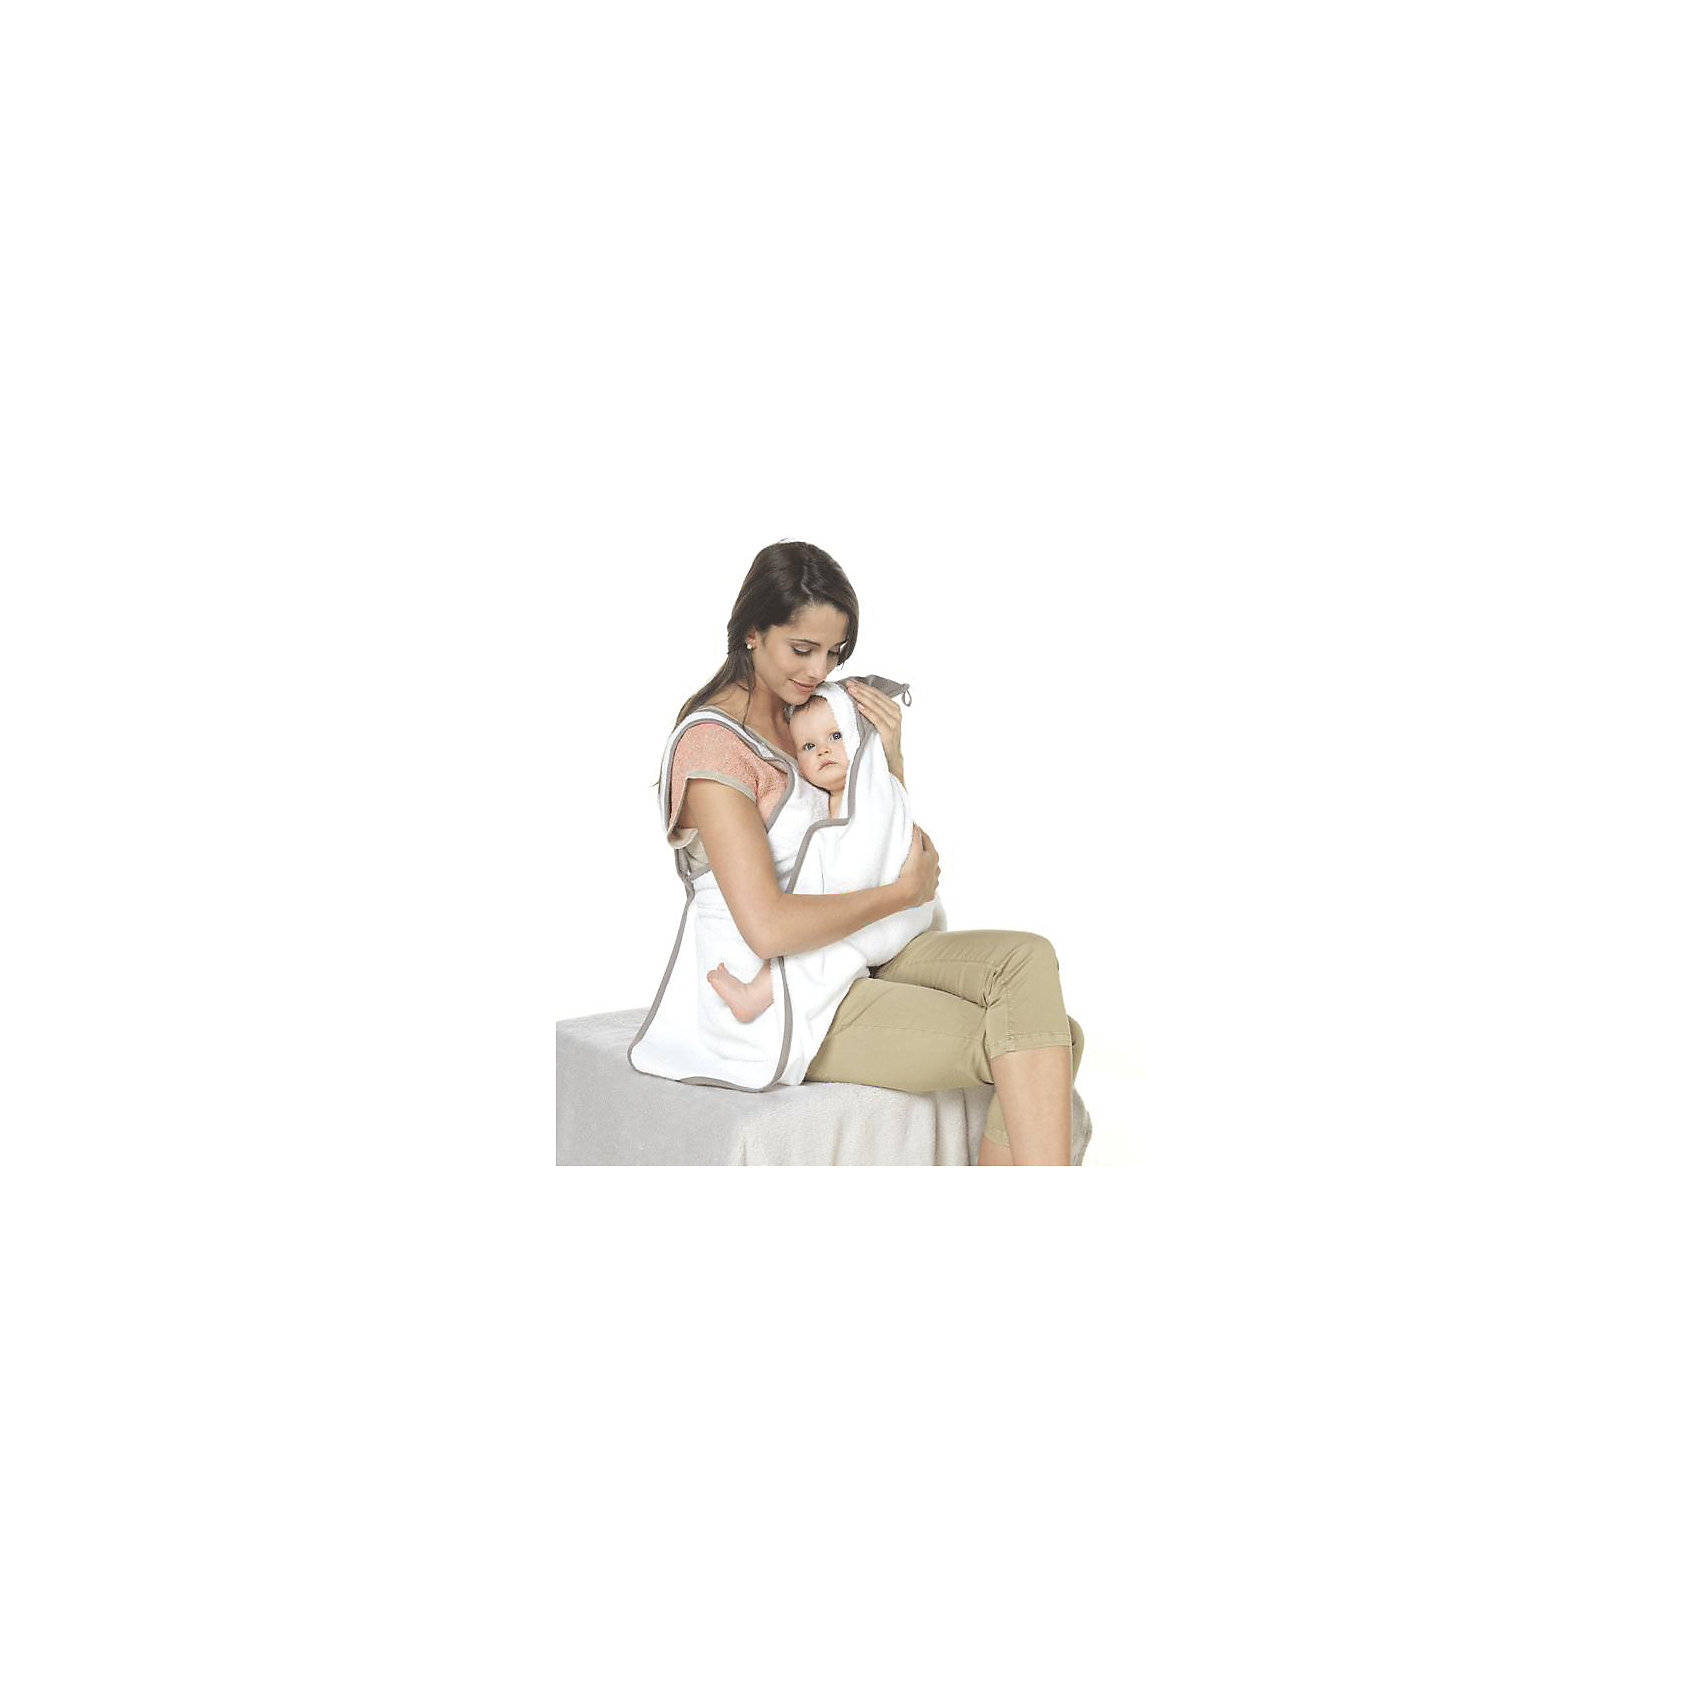 Махровое полотенце-фартук с уголком 0-36 мес, Red Castle, белый/темно-серыйМахровое полотенце-фартук с уголком, Red Castle, прекрасно подойдет для ухода за нежной кожей малыша. Полотенце изготовлено из мягкой, хорошо впитывающей влагу высококачественной махровой ткани, устойчивой к появлению затяжек. Благодаря большому размеру и особому крою полотенца в форме фартука процесс купания малыша станет проще и приятнее. Закрепив фартук-полотенце вокруг шеи с помощью застежек-кнопок, Вы защитите одежду от брызг и избежите лишних движений. При этом Ваши руки останутся свободными, что поможет крепче держать малыша, доставая его из ванной и быстро укутать. Допустима машинная стирка.<br><br><br>Дополнительная информация:<br><br>- Цвет: белый/темно-серый.<br>- Возраст: 0-36 мес.<br>- Материал: махровая ткань (100% хлопок) (400г/м?).<br>- Размер полотенца: длина - 120 см., ширина - 100 см., по диагонали - 145 см.<br>- Размер упаковки: 22 х 8 х 30 см.<br>- Вес: 0,76 кг. <br><br>Махровое полотенце-фартук с уголком, Red Castle, белый/темно-серый, можно купить в нашем интернет-магазине.<br><br>Ширина мм: 220<br>Глубина мм: 80<br>Высота мм: 300<br>Вес г: 760<br>Цвет: белый/серый<br>Возраст от месяцев: 0<br>Возраст до месяцев: 36<br>Пол: Унисекс<br>Возраст: Детский<br>SKU: 4389004